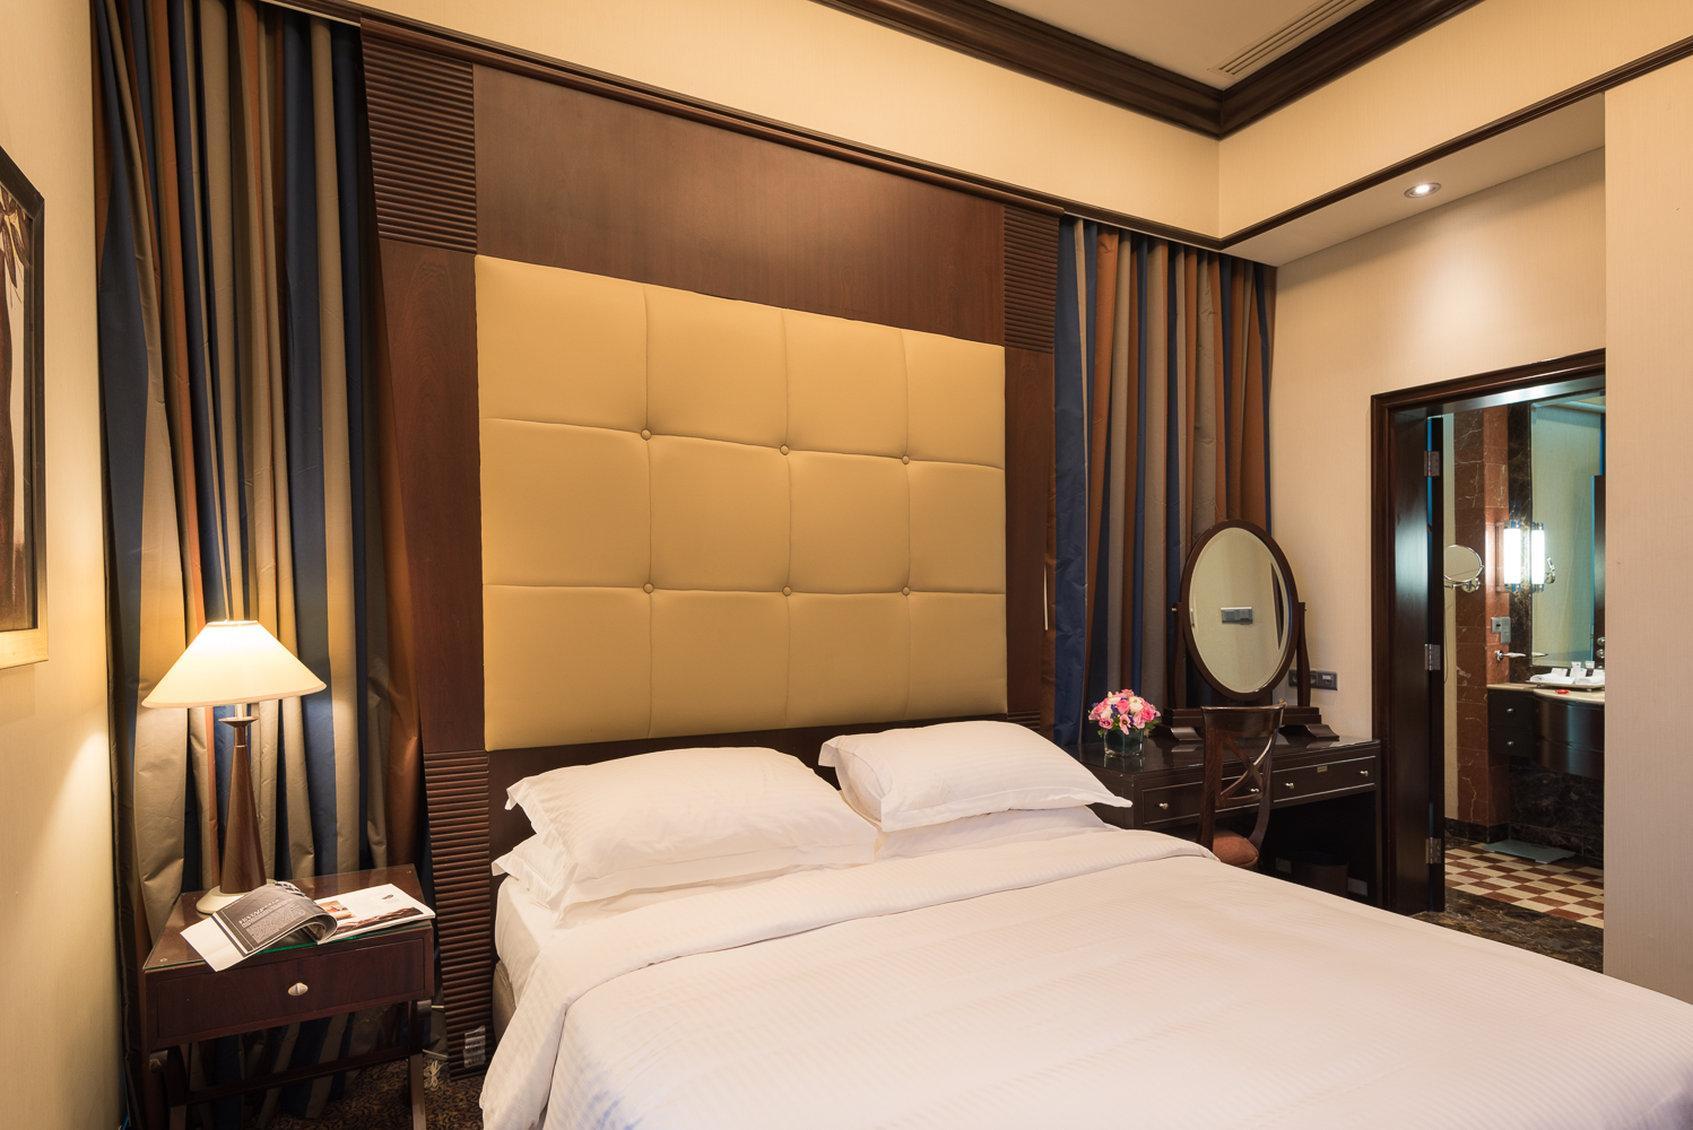 هتل رائوش آرجان بای روتانا بیروت